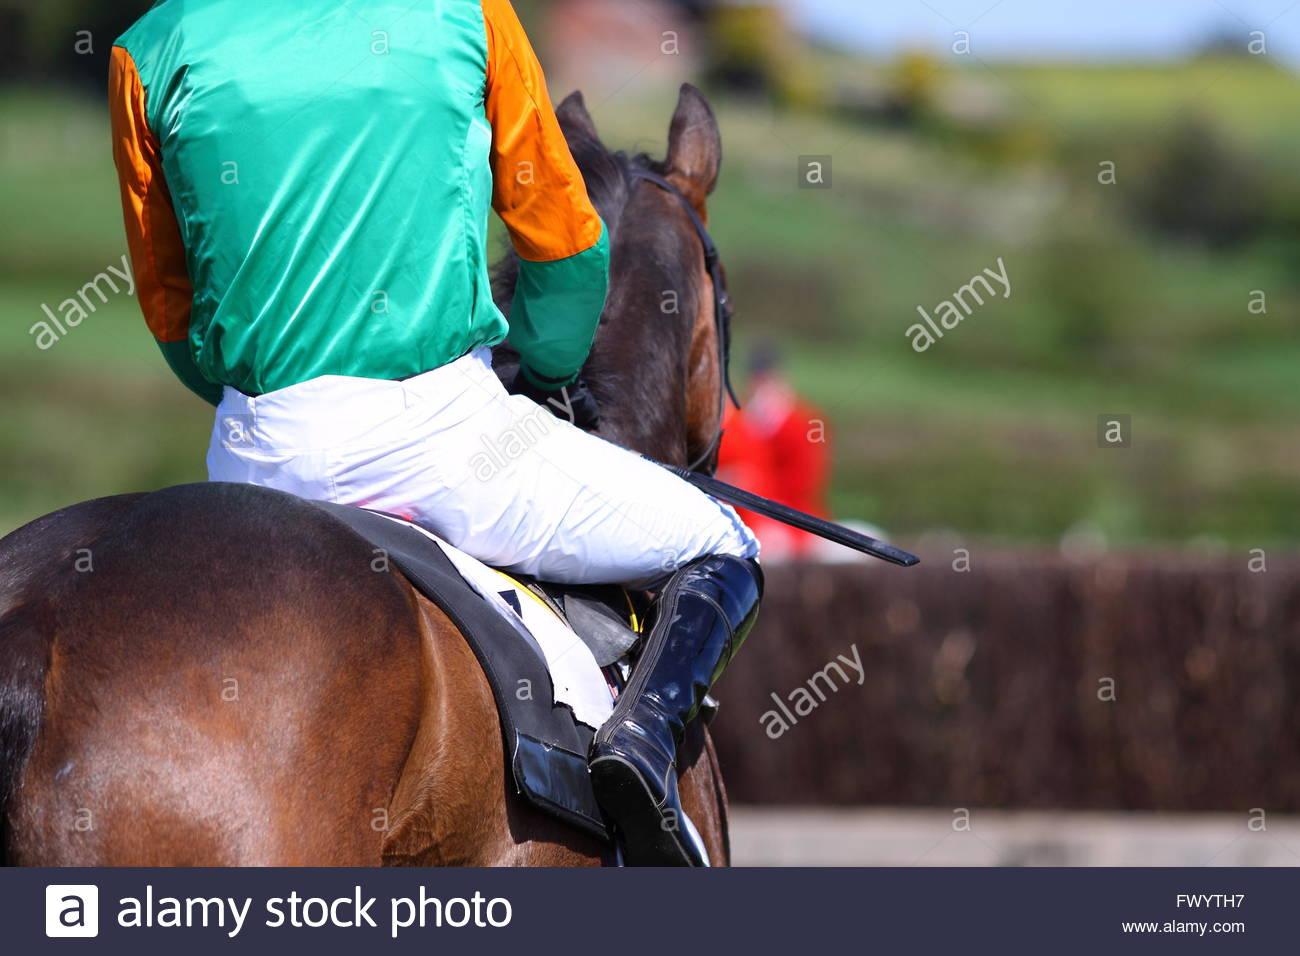 Jockey rider cavallo di razza Immagini Stock